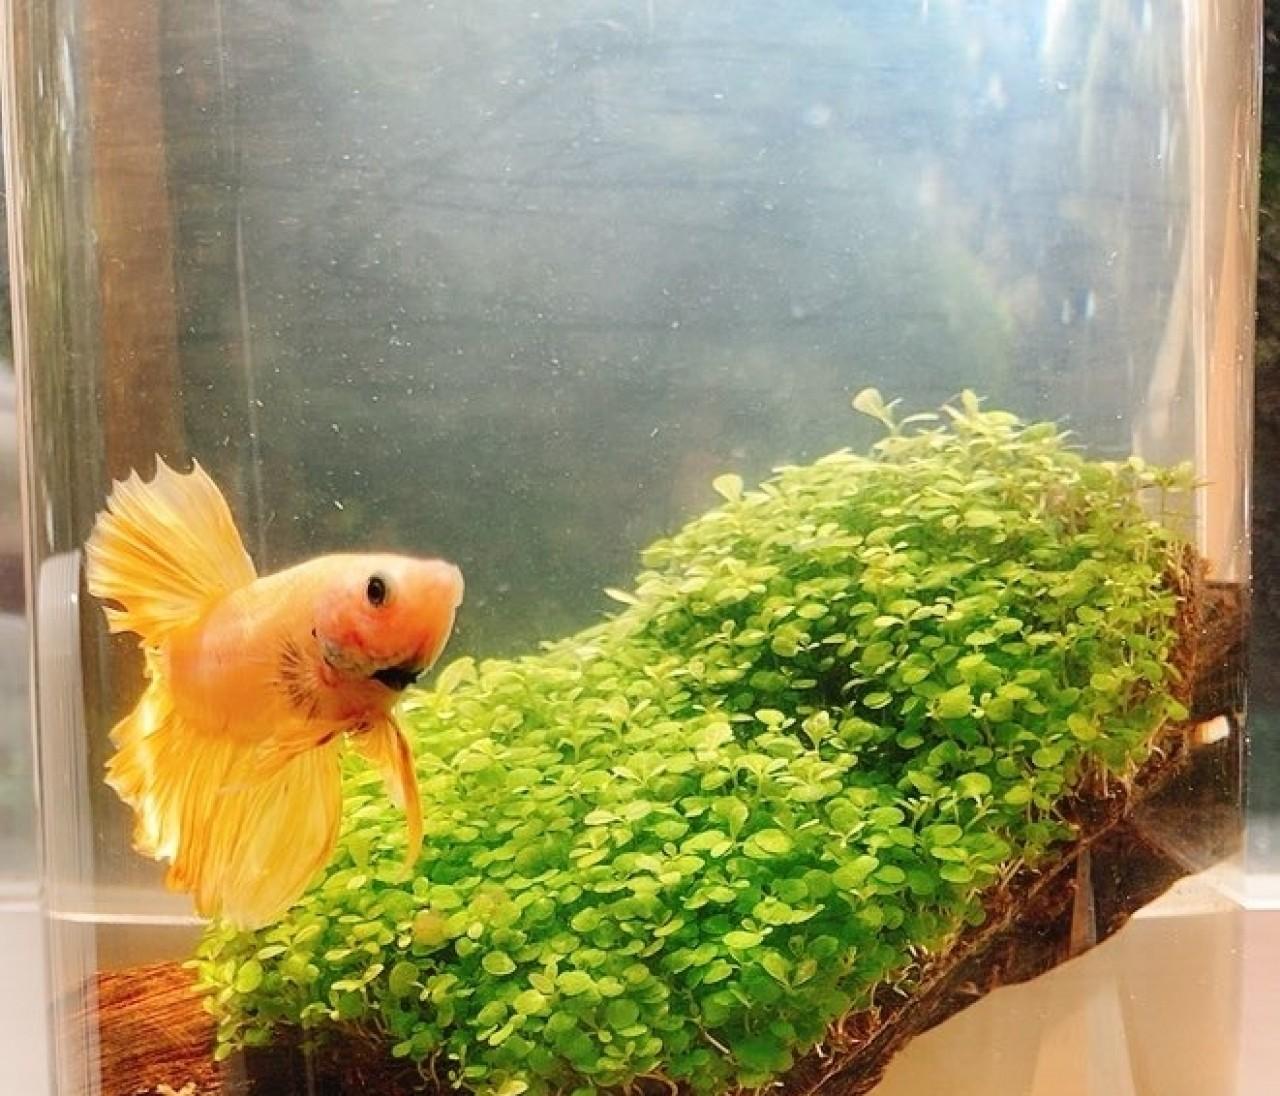 アクアリウム生活!熱帯魚飼い始めました。